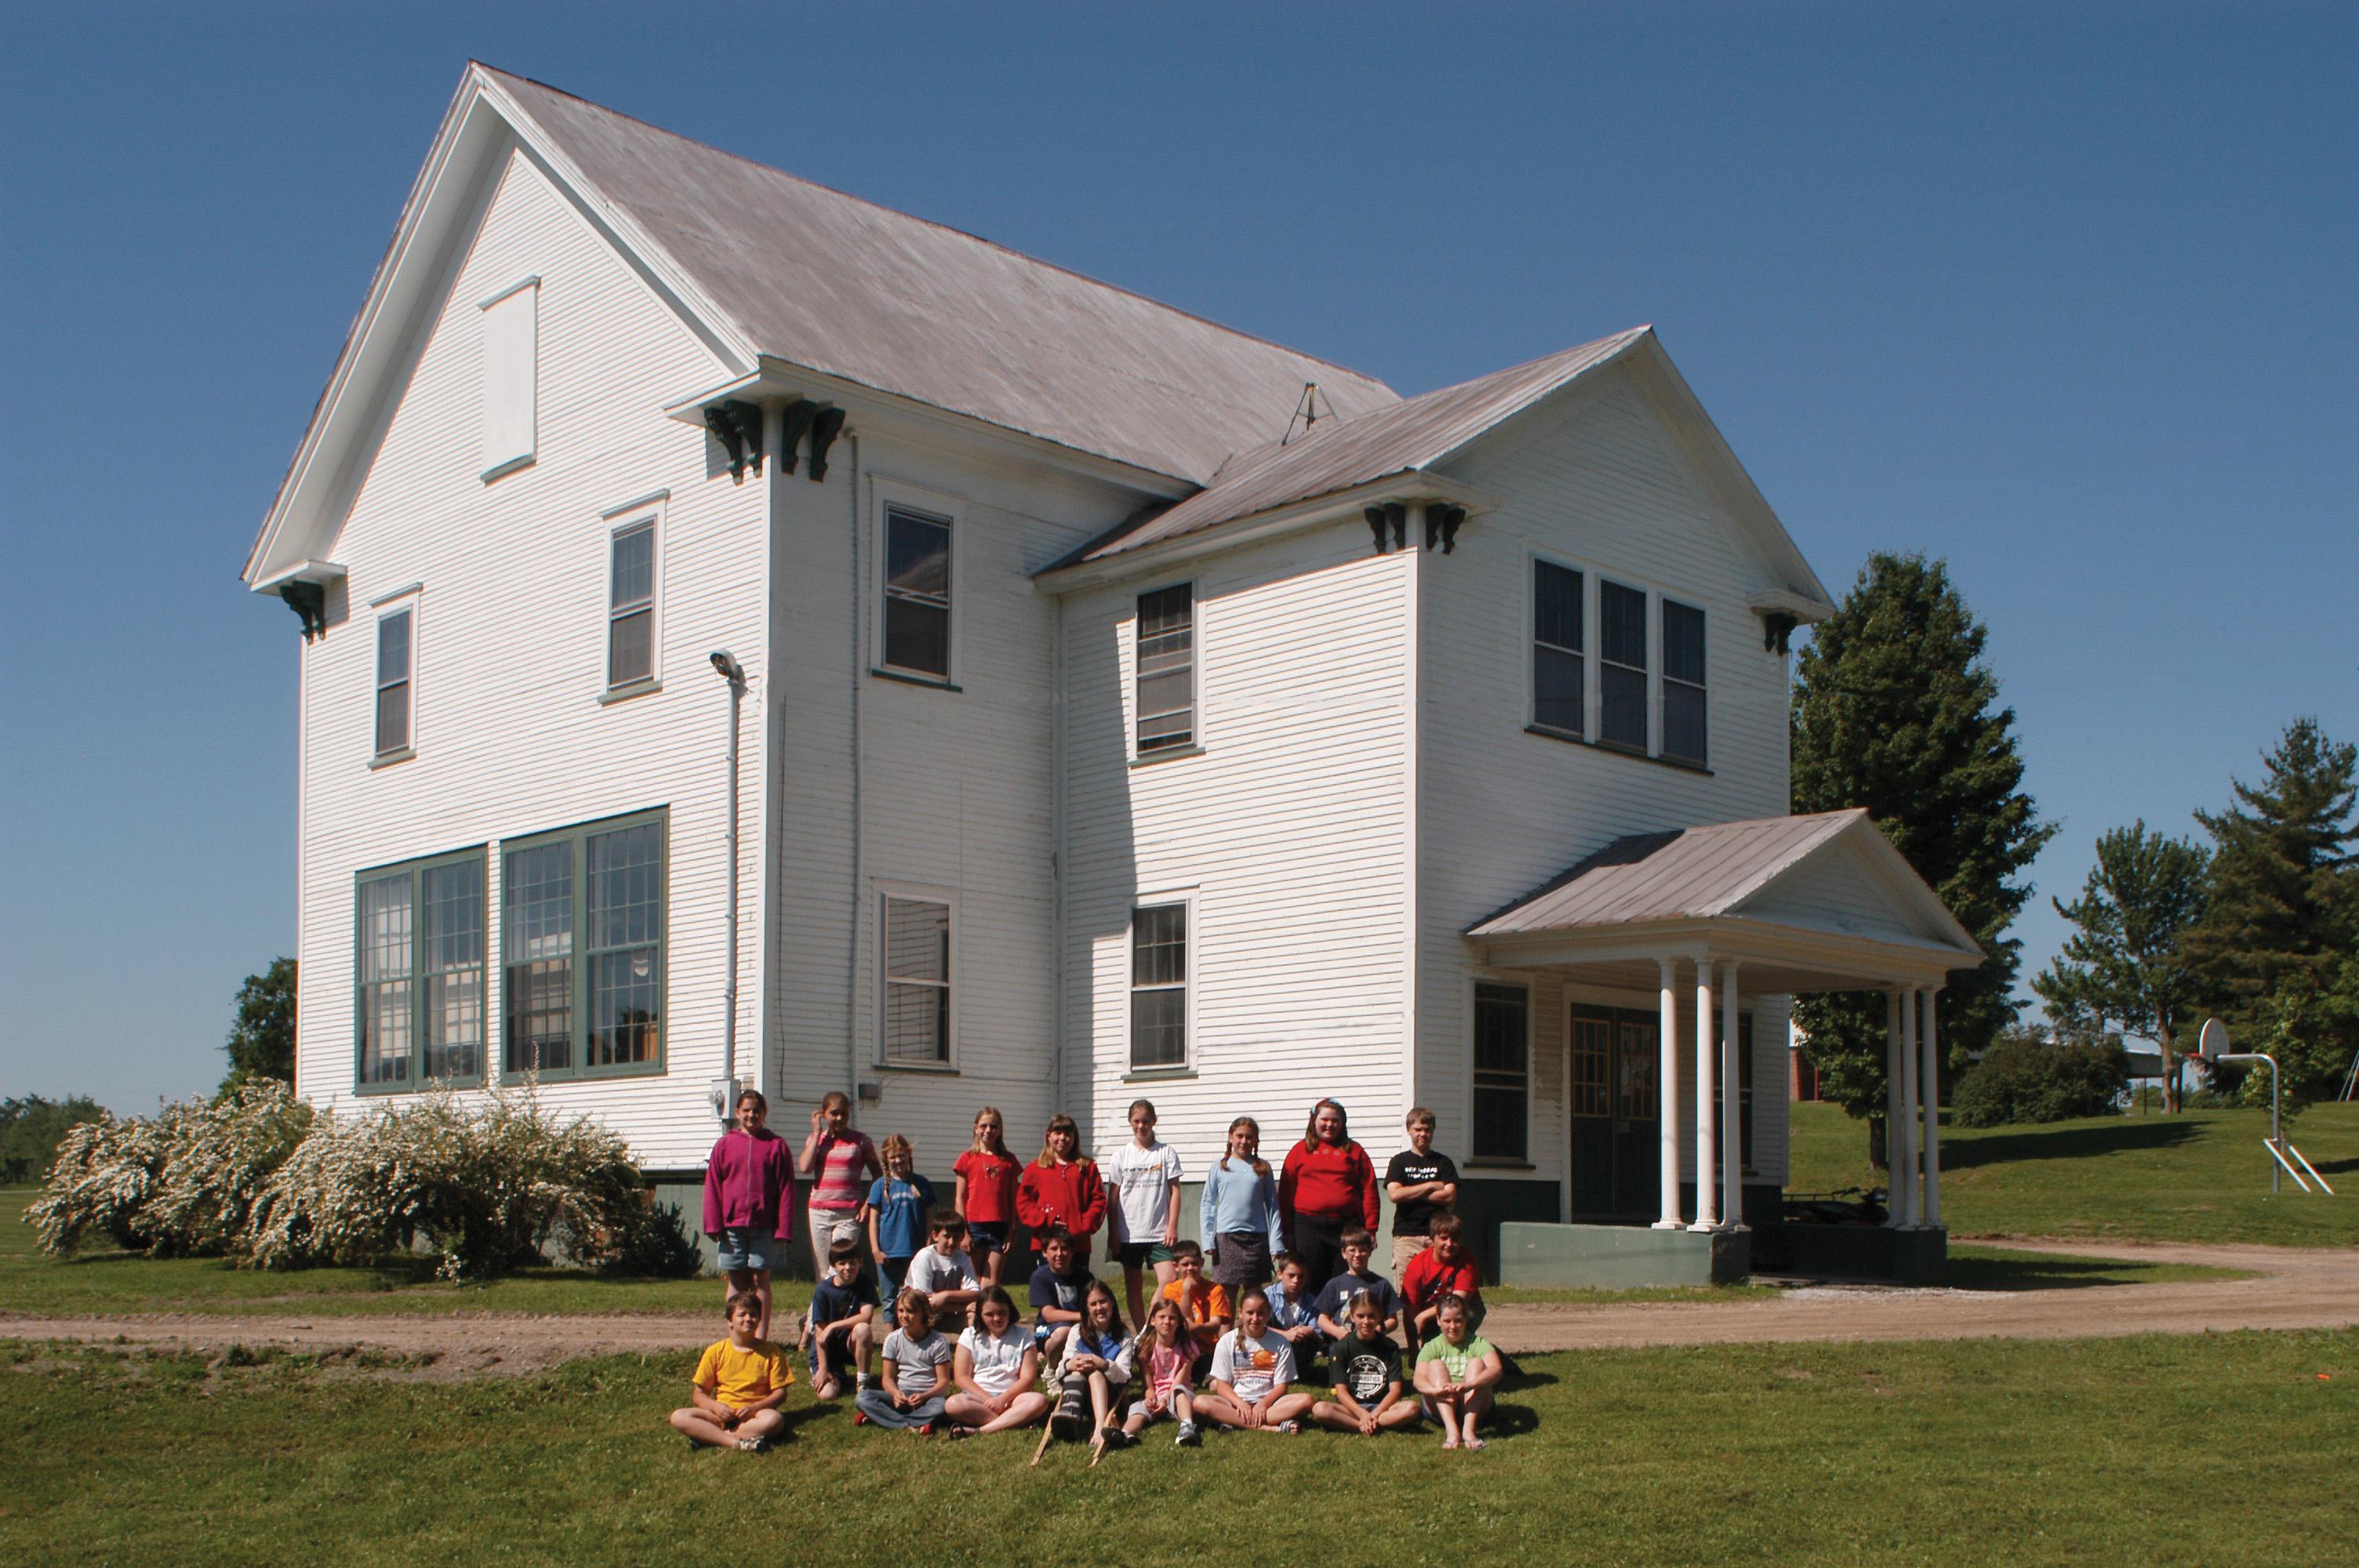 Fairfield Common School